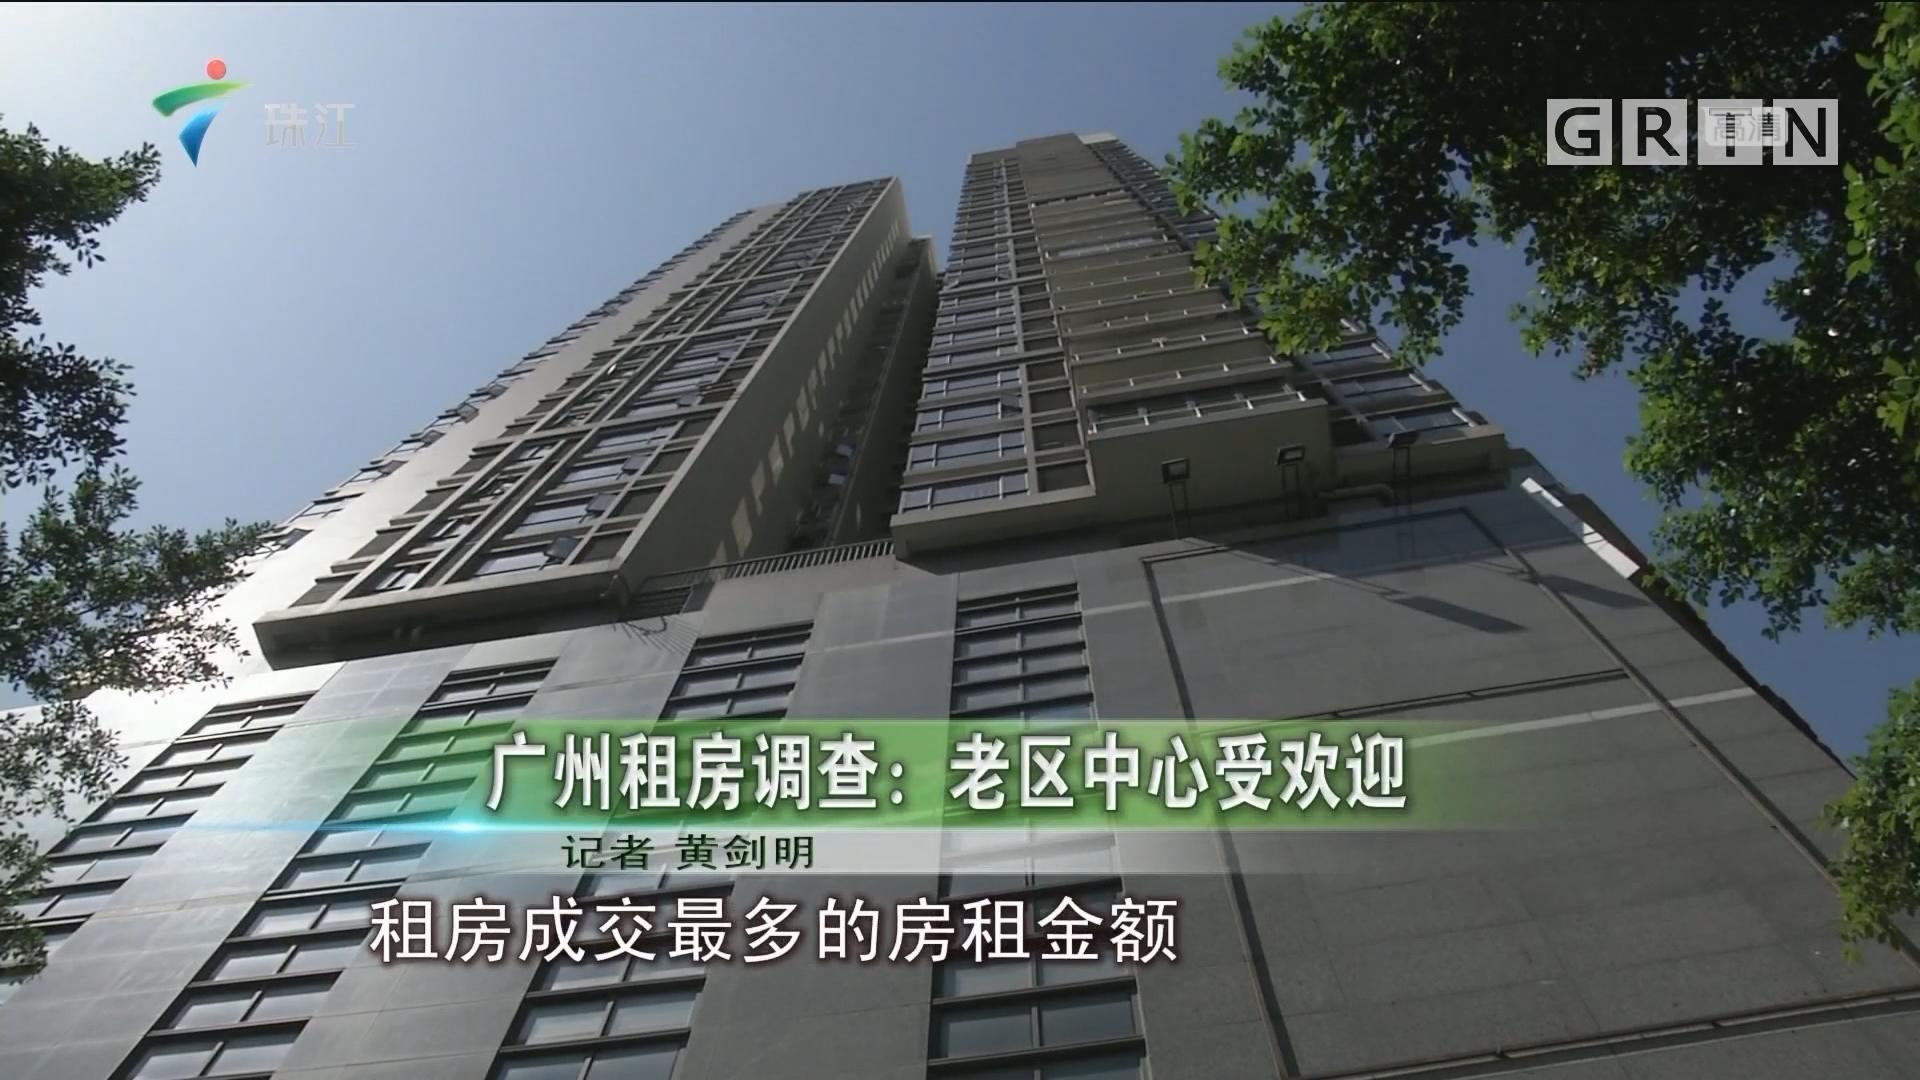 广州租房调查:老区中心受欢迎